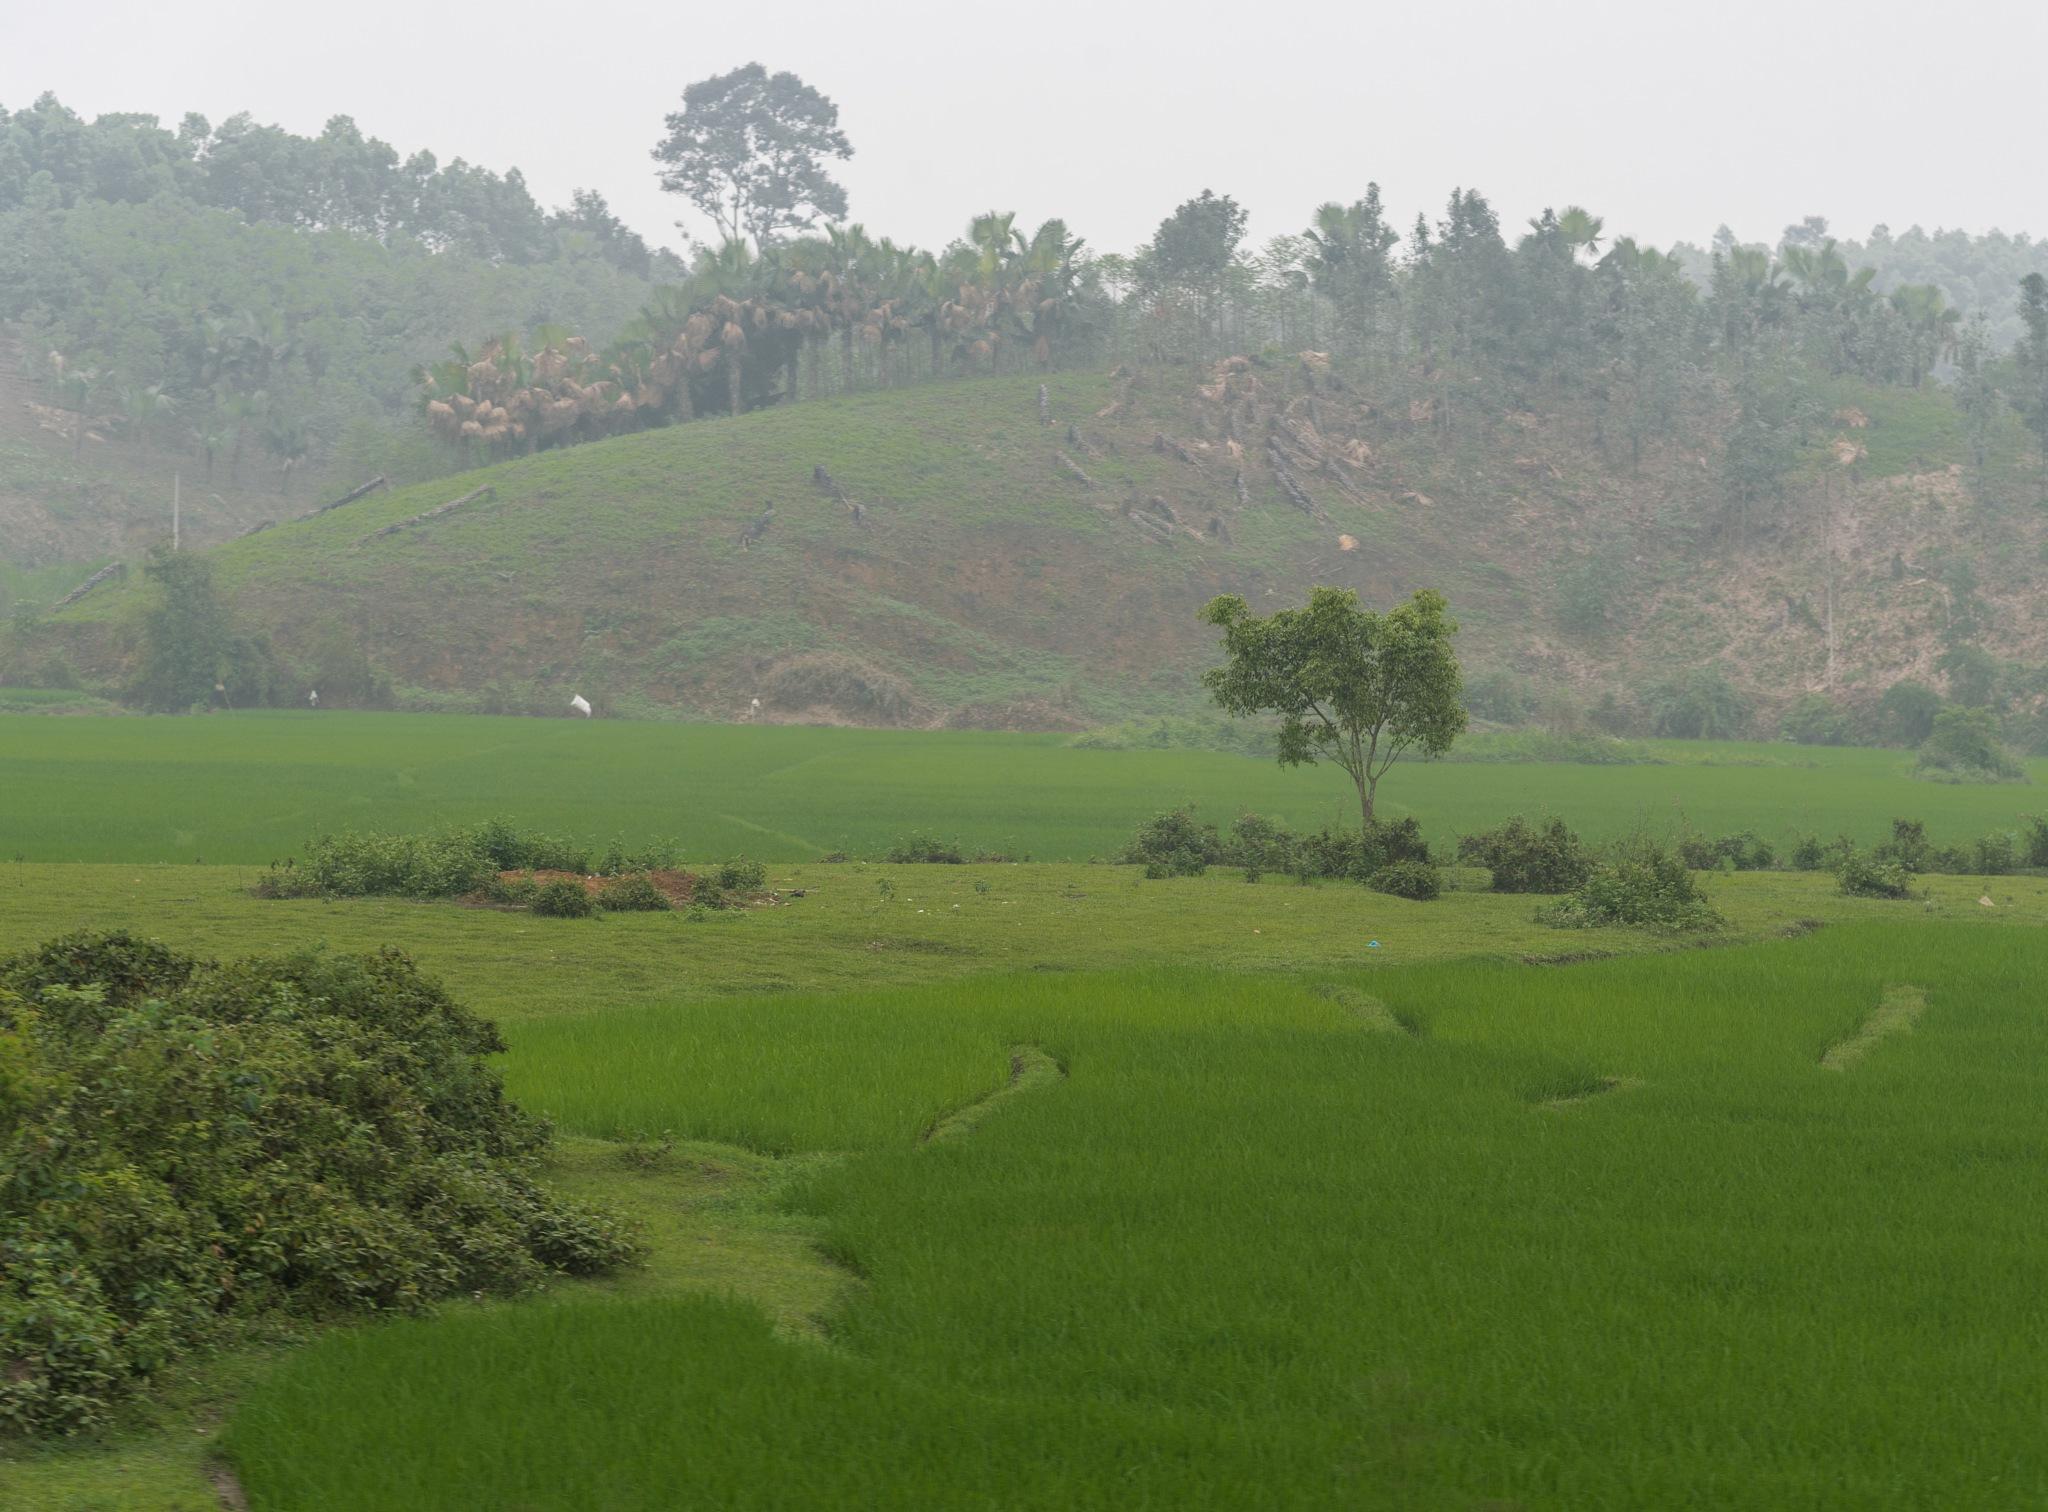 HANOI-SAPA ON A MISTY DAY by DrJohnHodgson